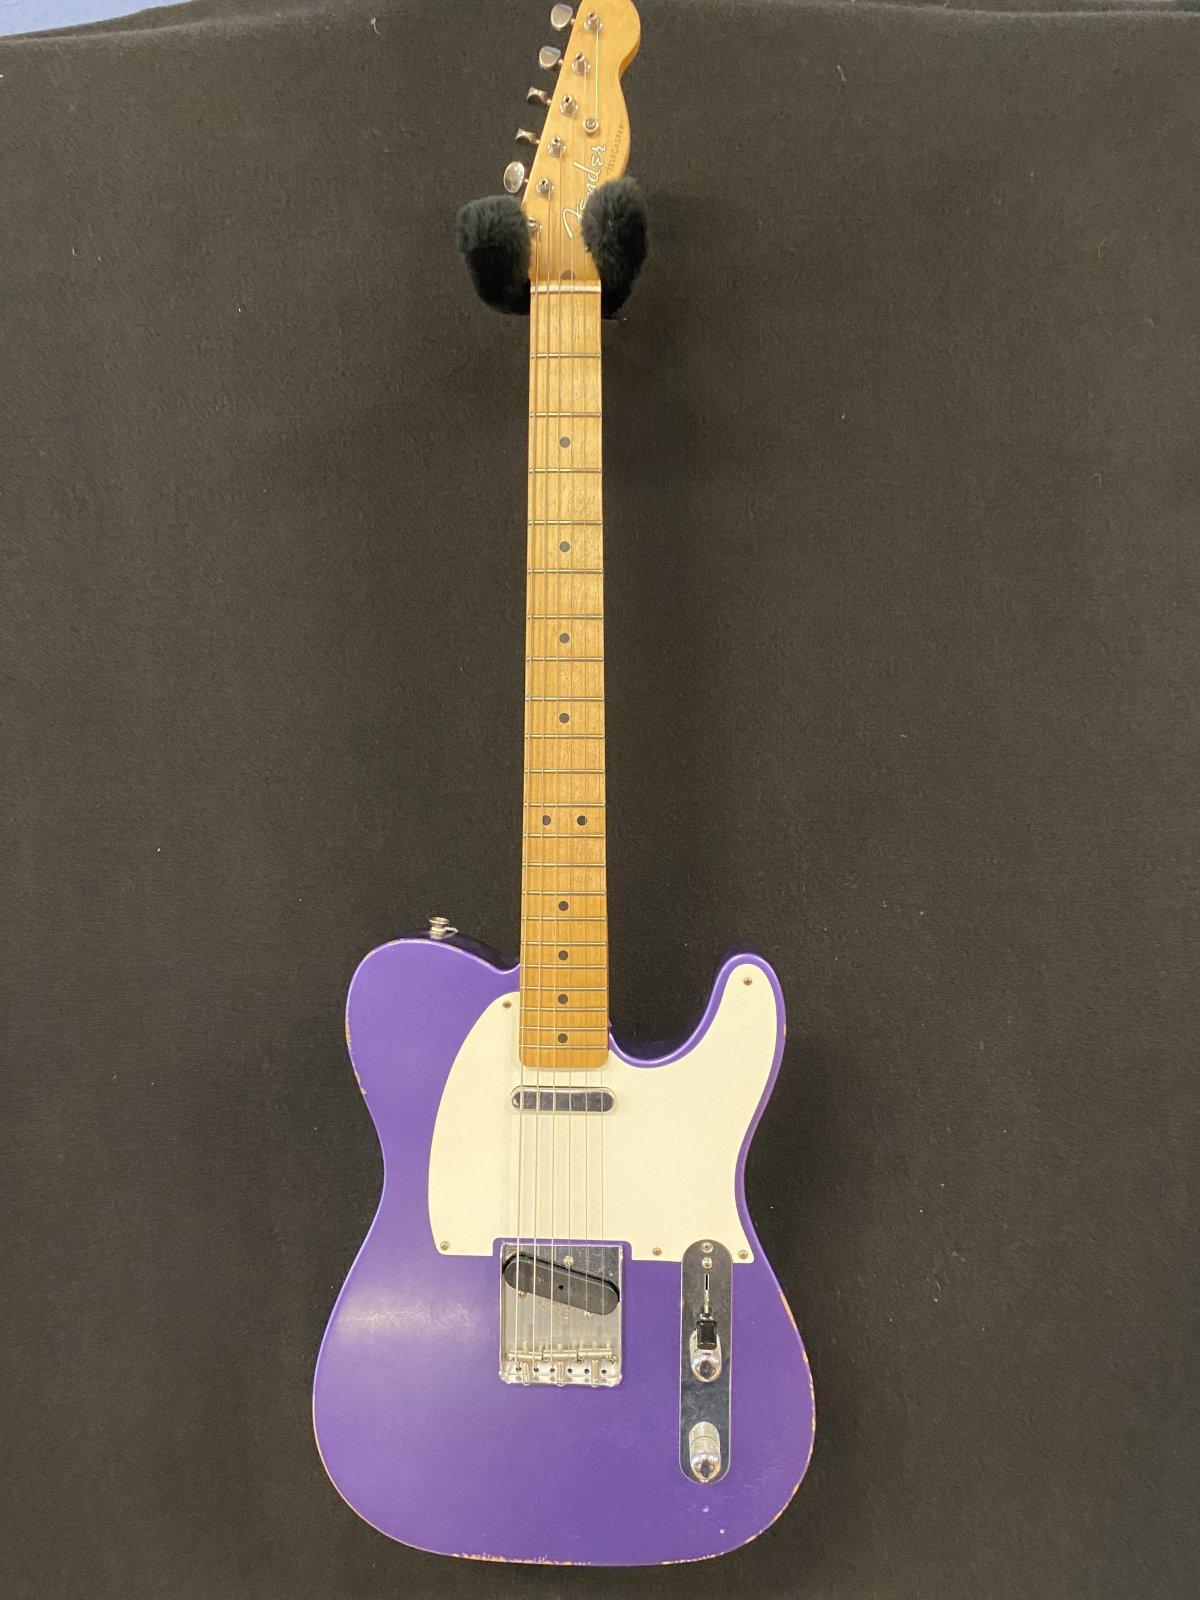 Used Fender road worn Telecaster in purple